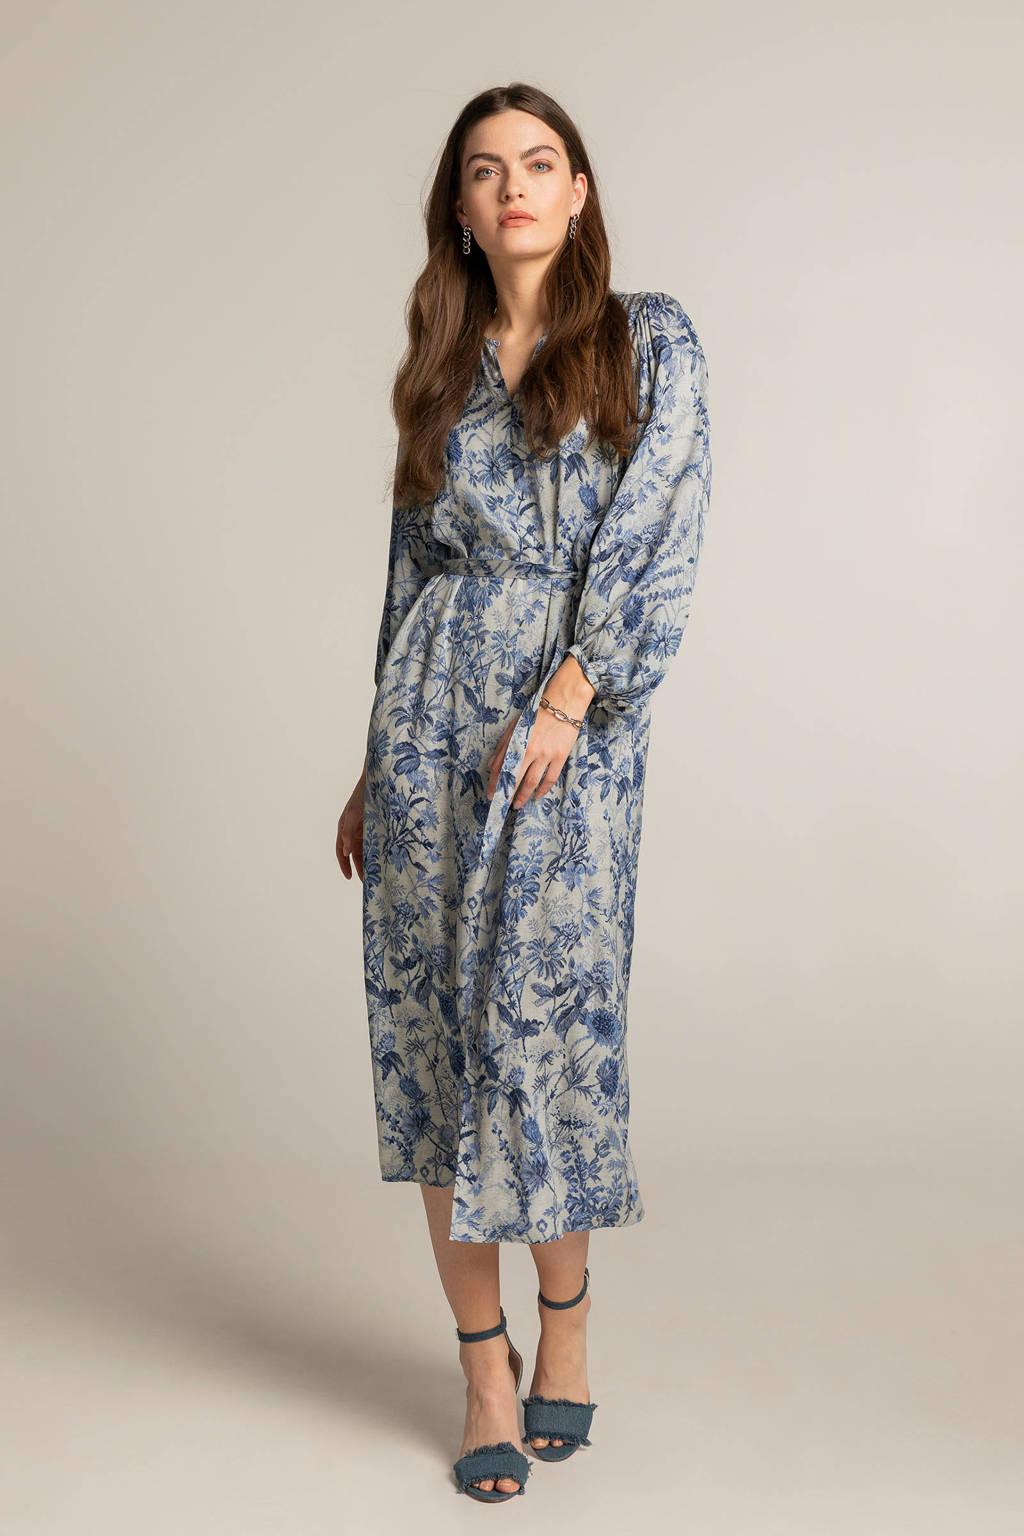 Expresso jurk met all over print en open detail lichtblauw/blauw/donkerblauw, Lichtblauw/blauw/donkerblauw